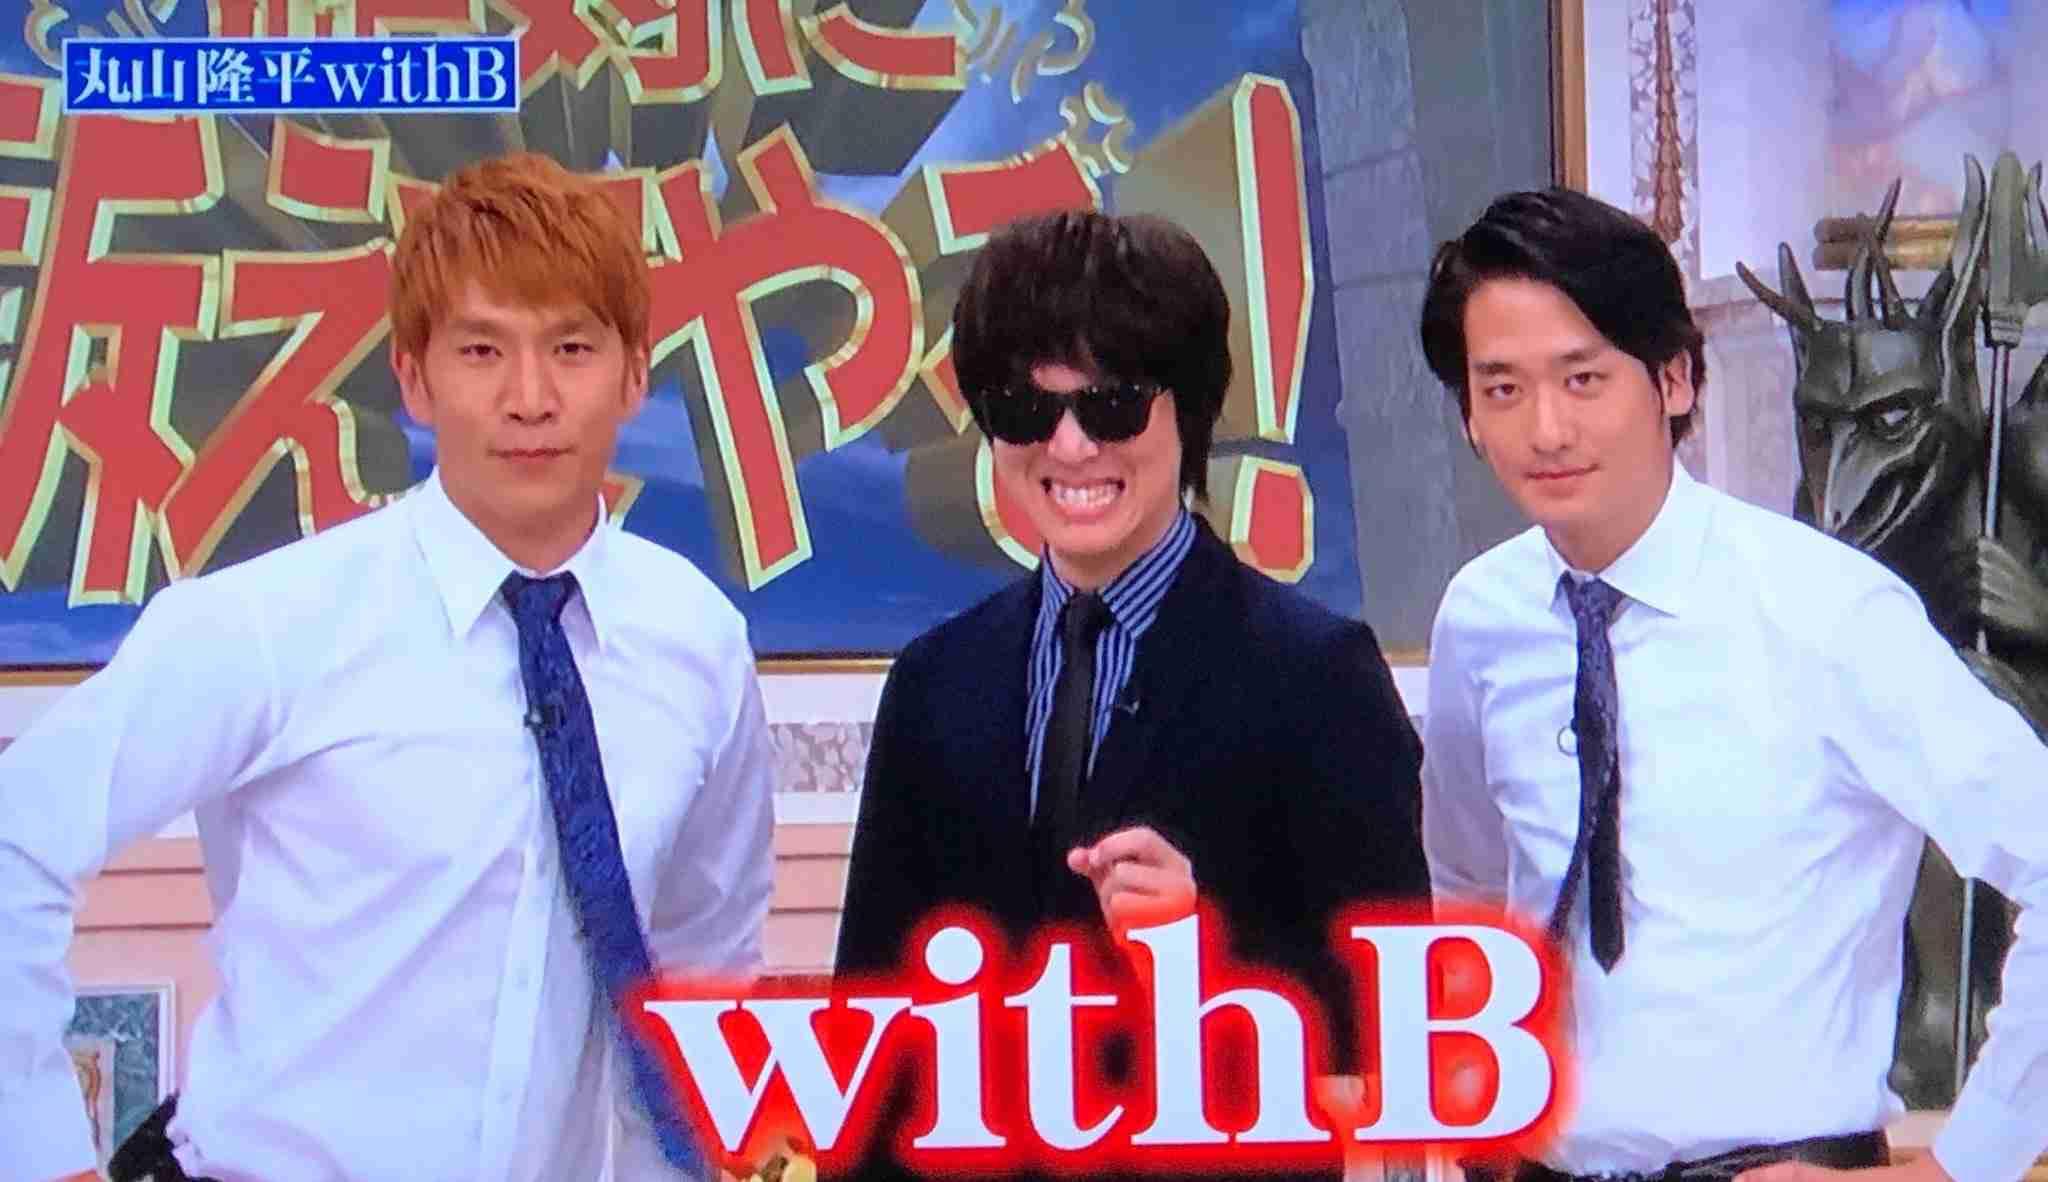 いろんな◯◯ withB が見たい!